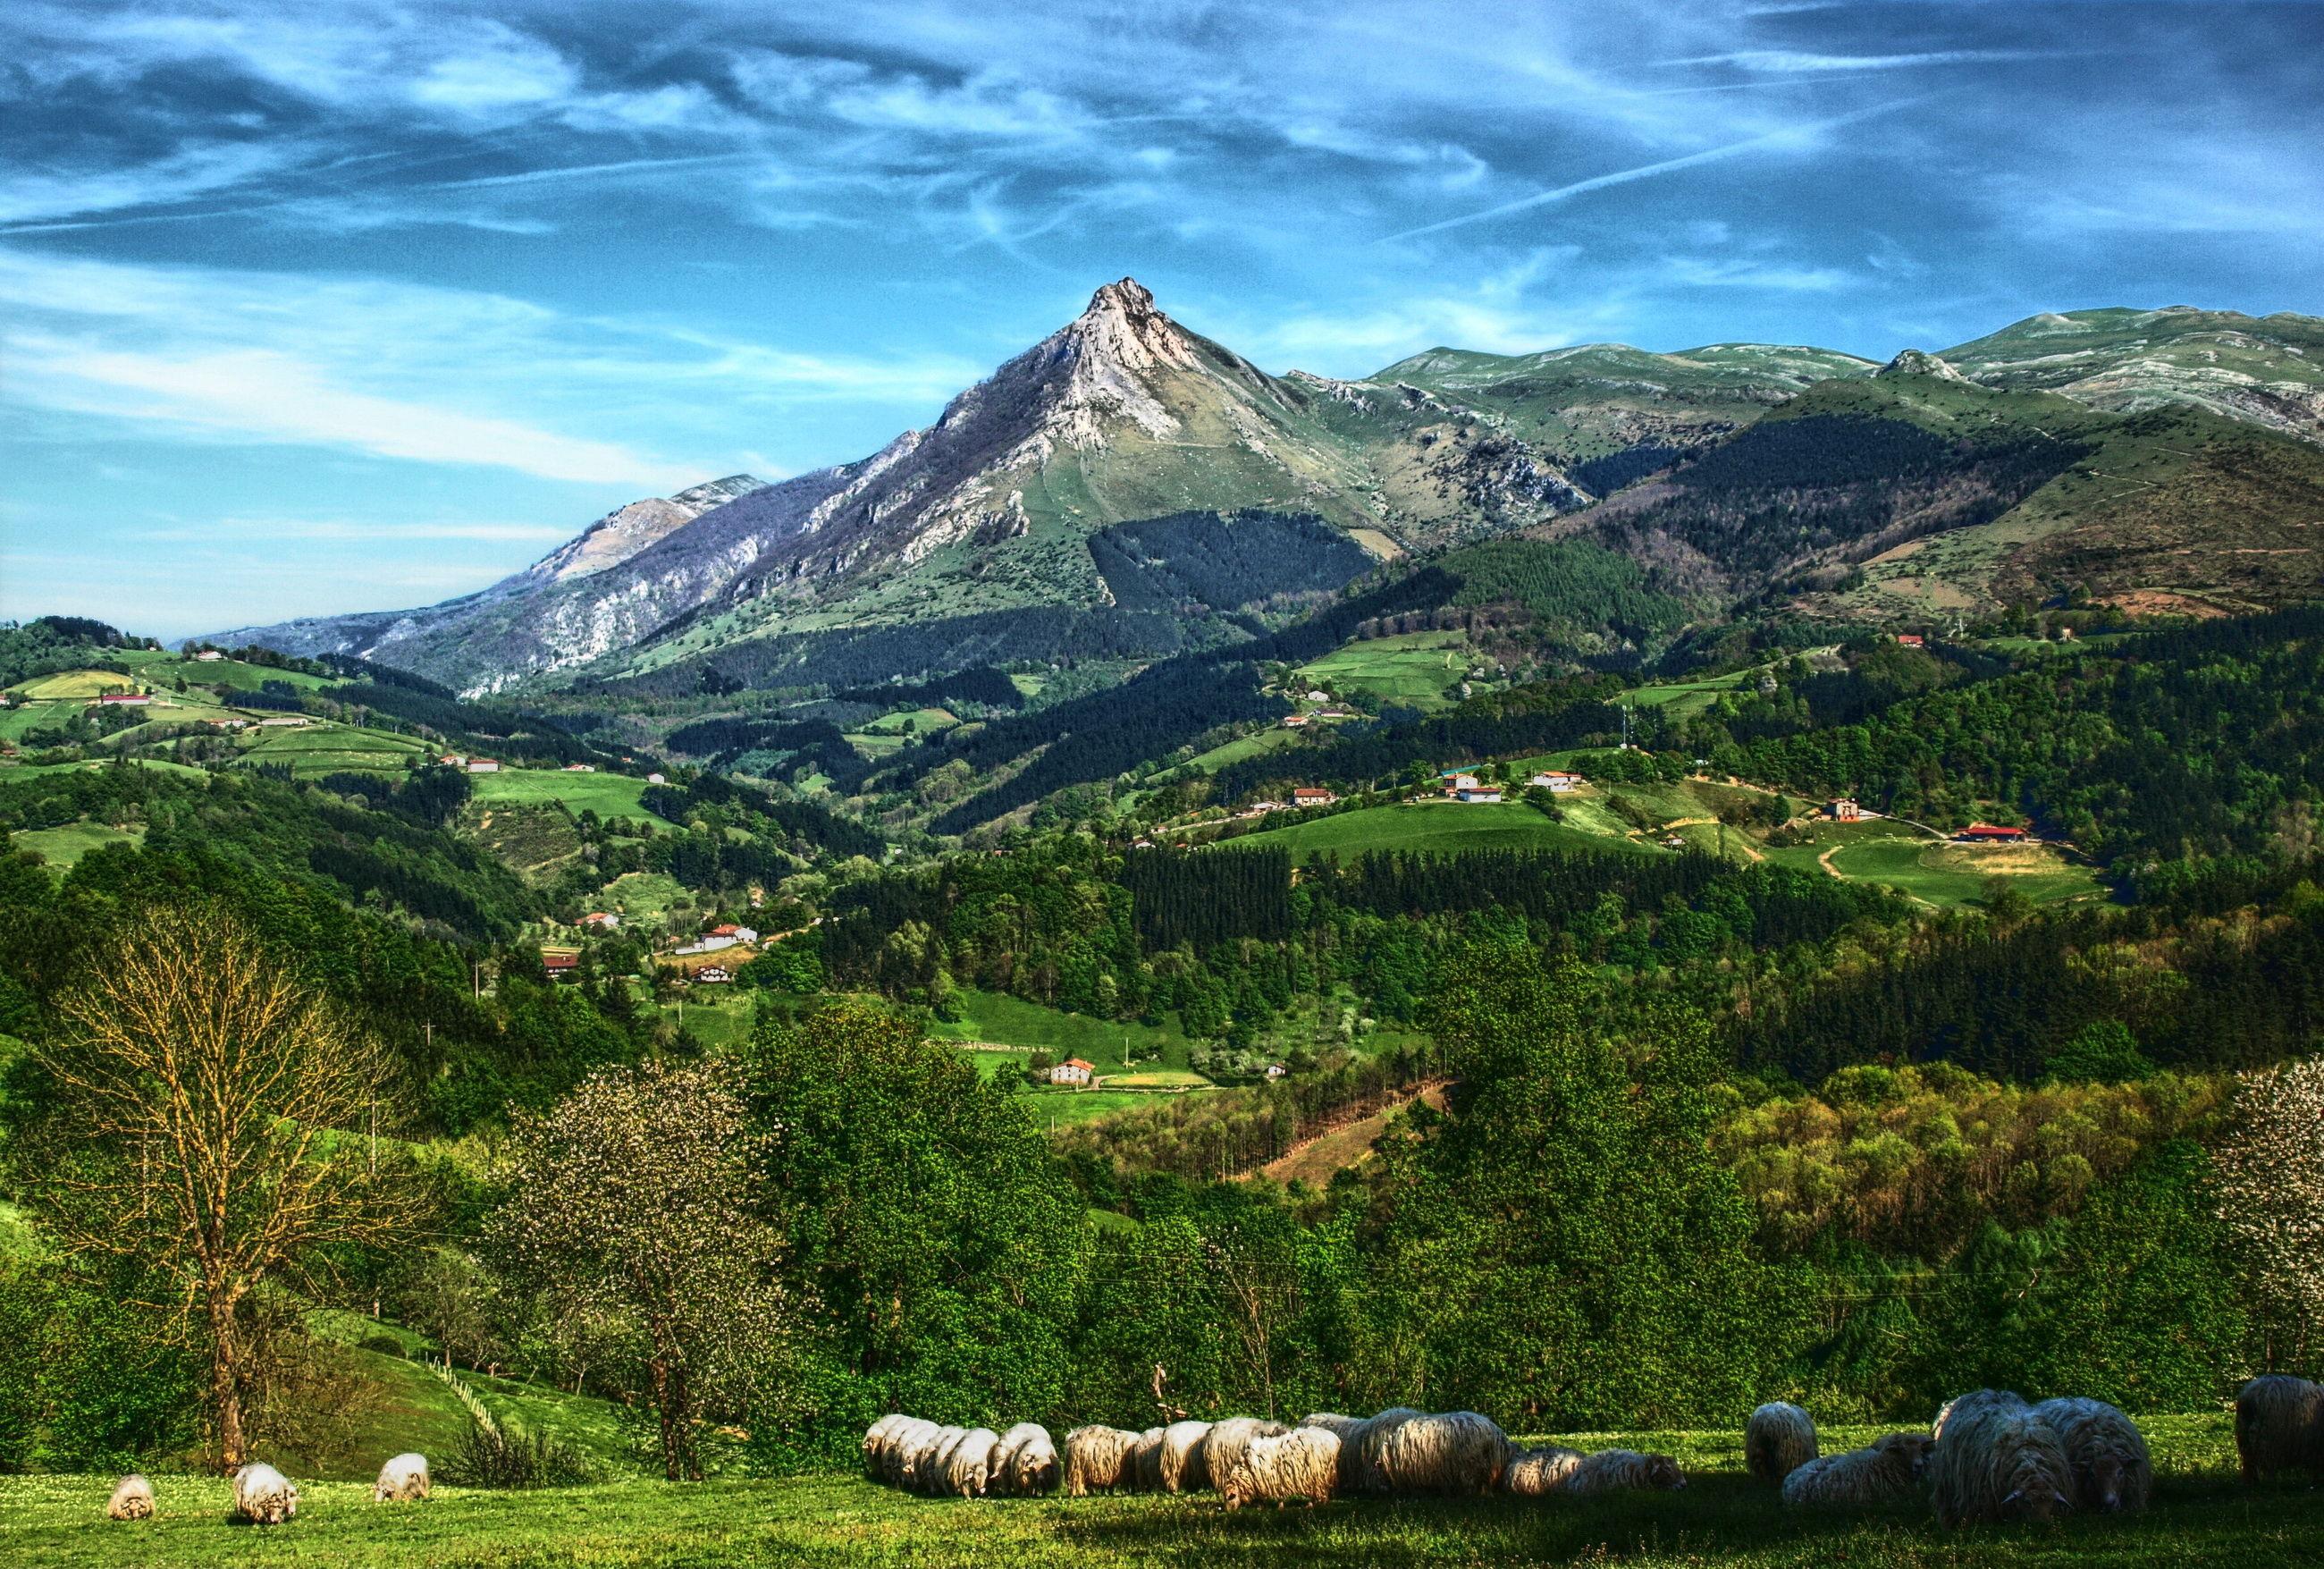 8483 - Montañas de España. ¿Serás capaz de saberlas todas?